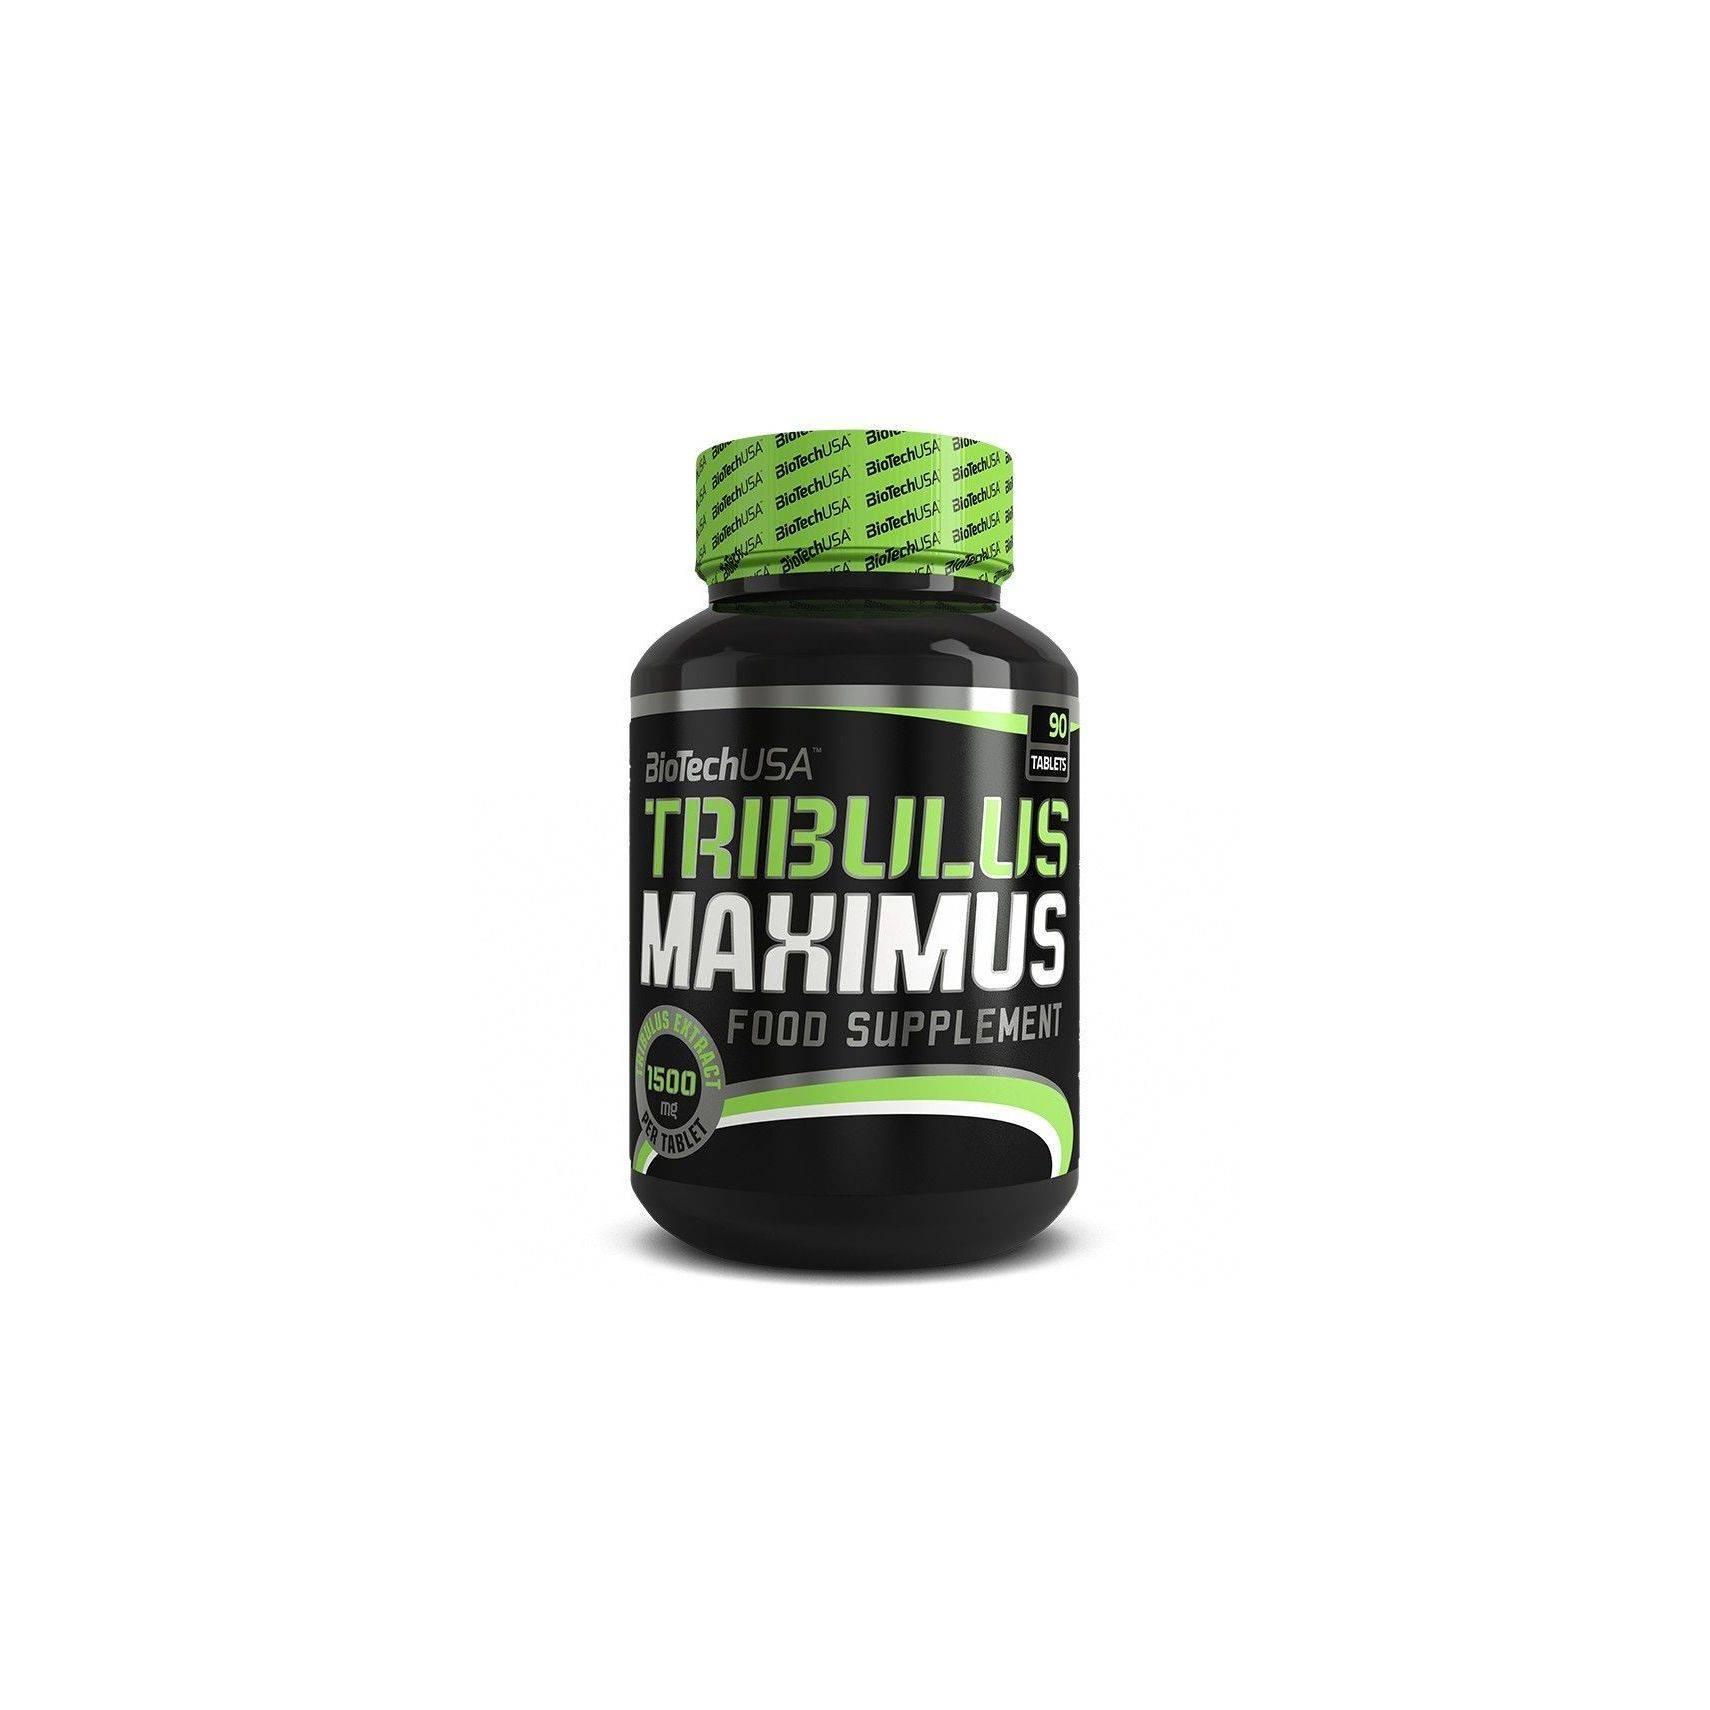 Tribulus maximus extra от biotech usa: как принимать, отзывы